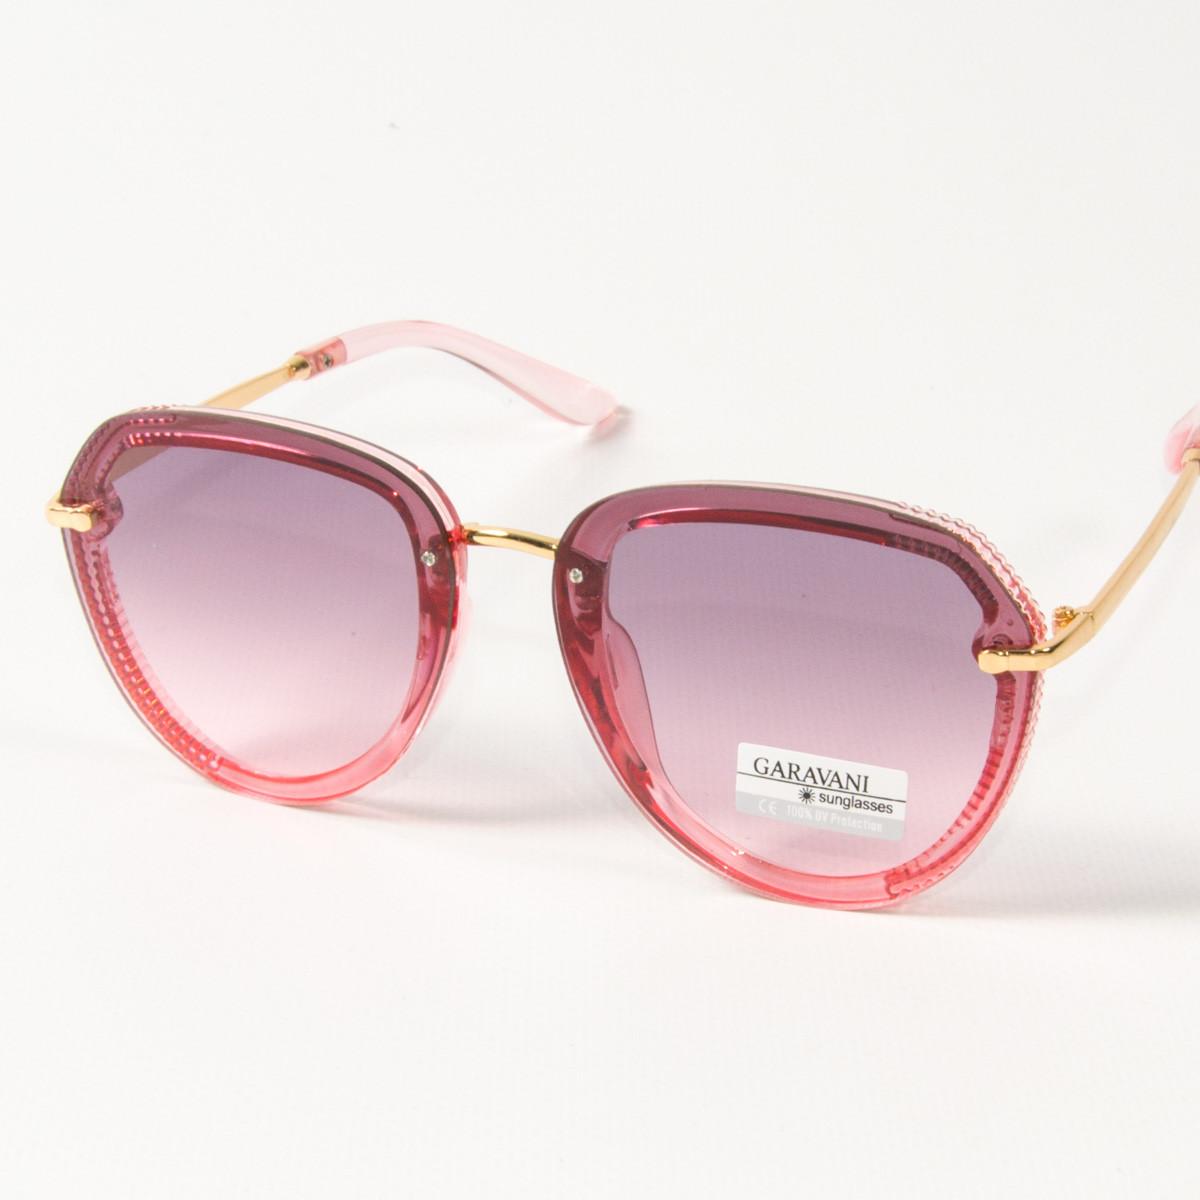 Оптом женские солнцезащитные очки авиатор  (арт. 33707/2) розовые